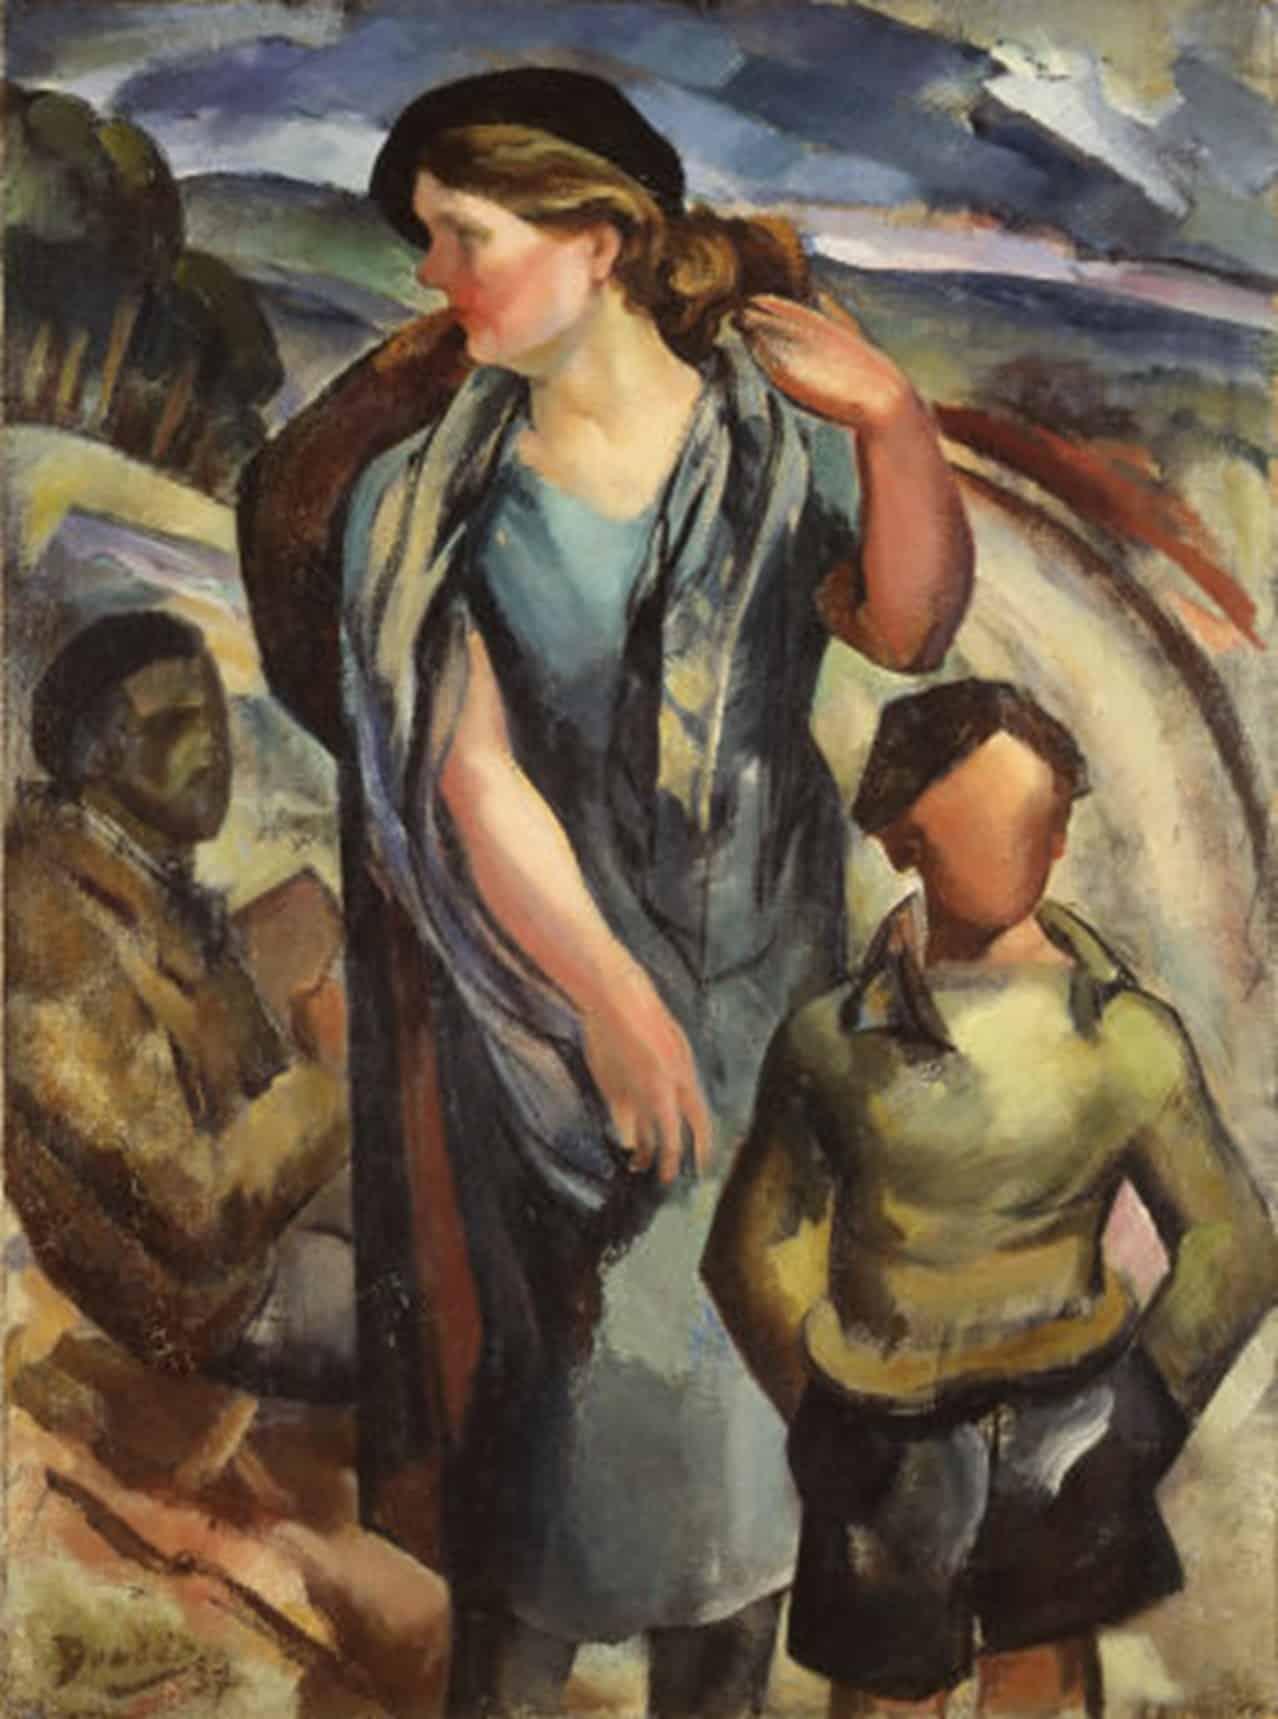 Dordio Gomes A Família, 1937